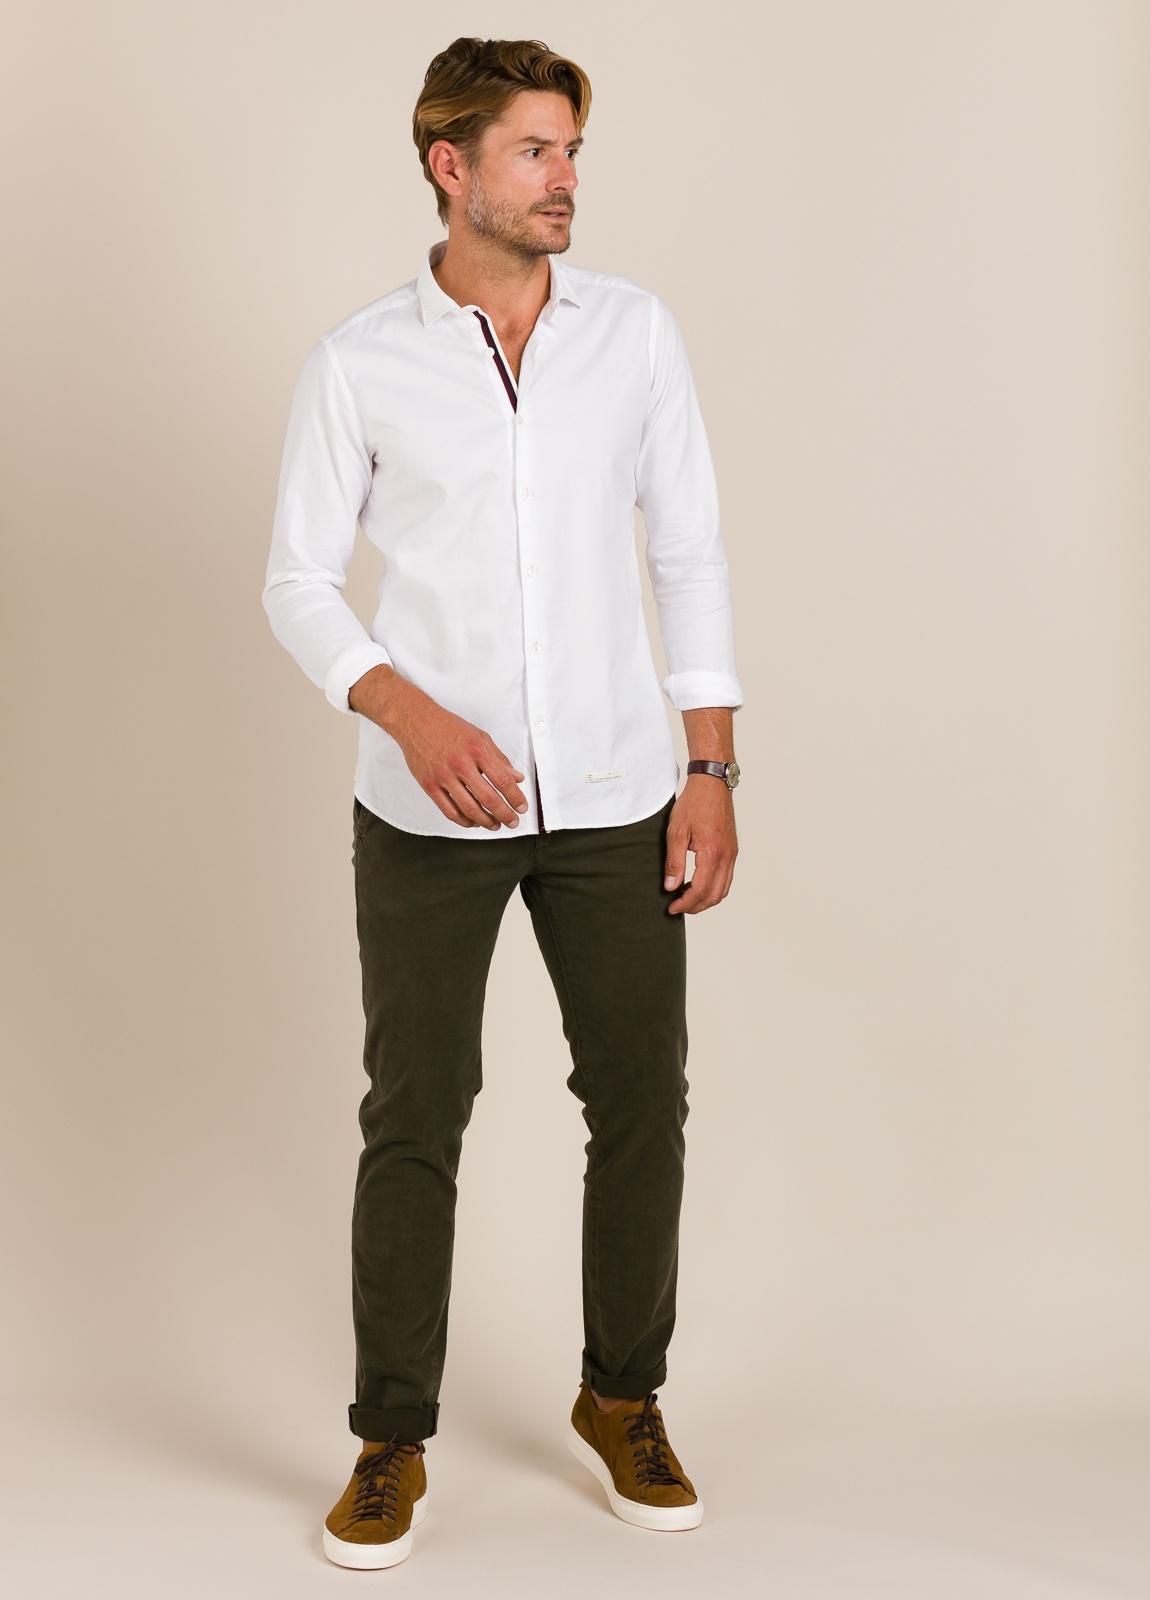 Camisa sport TINTORIA MATEI lisa blanca - Ítem3